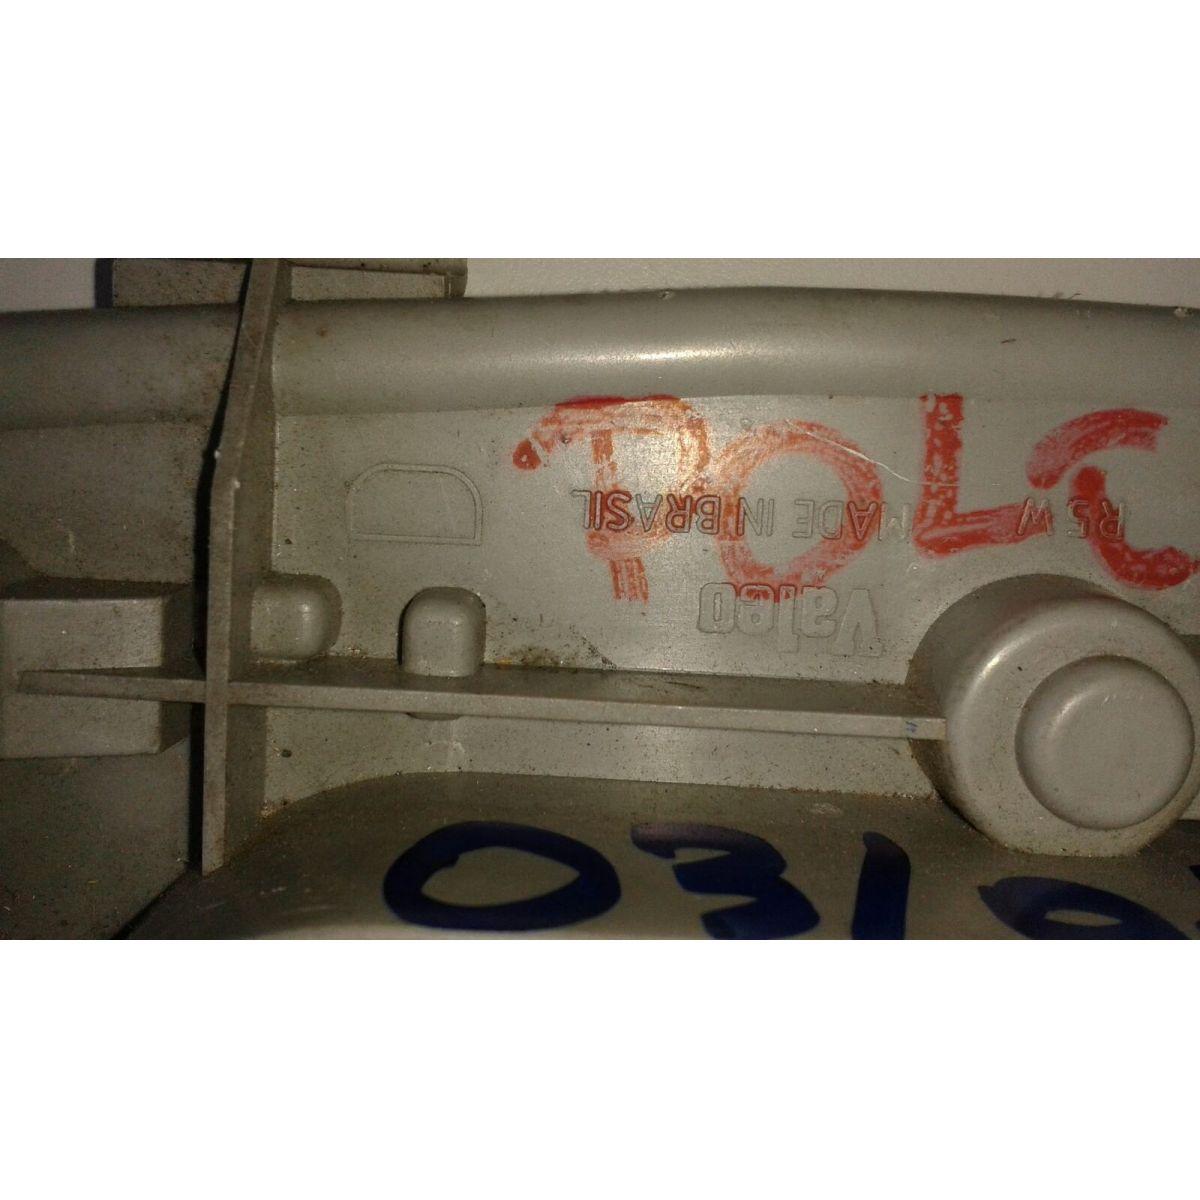 Soquete Circuito Lanterna Traseira Polo Hatch 03 a 06  - Amd Auto Peças